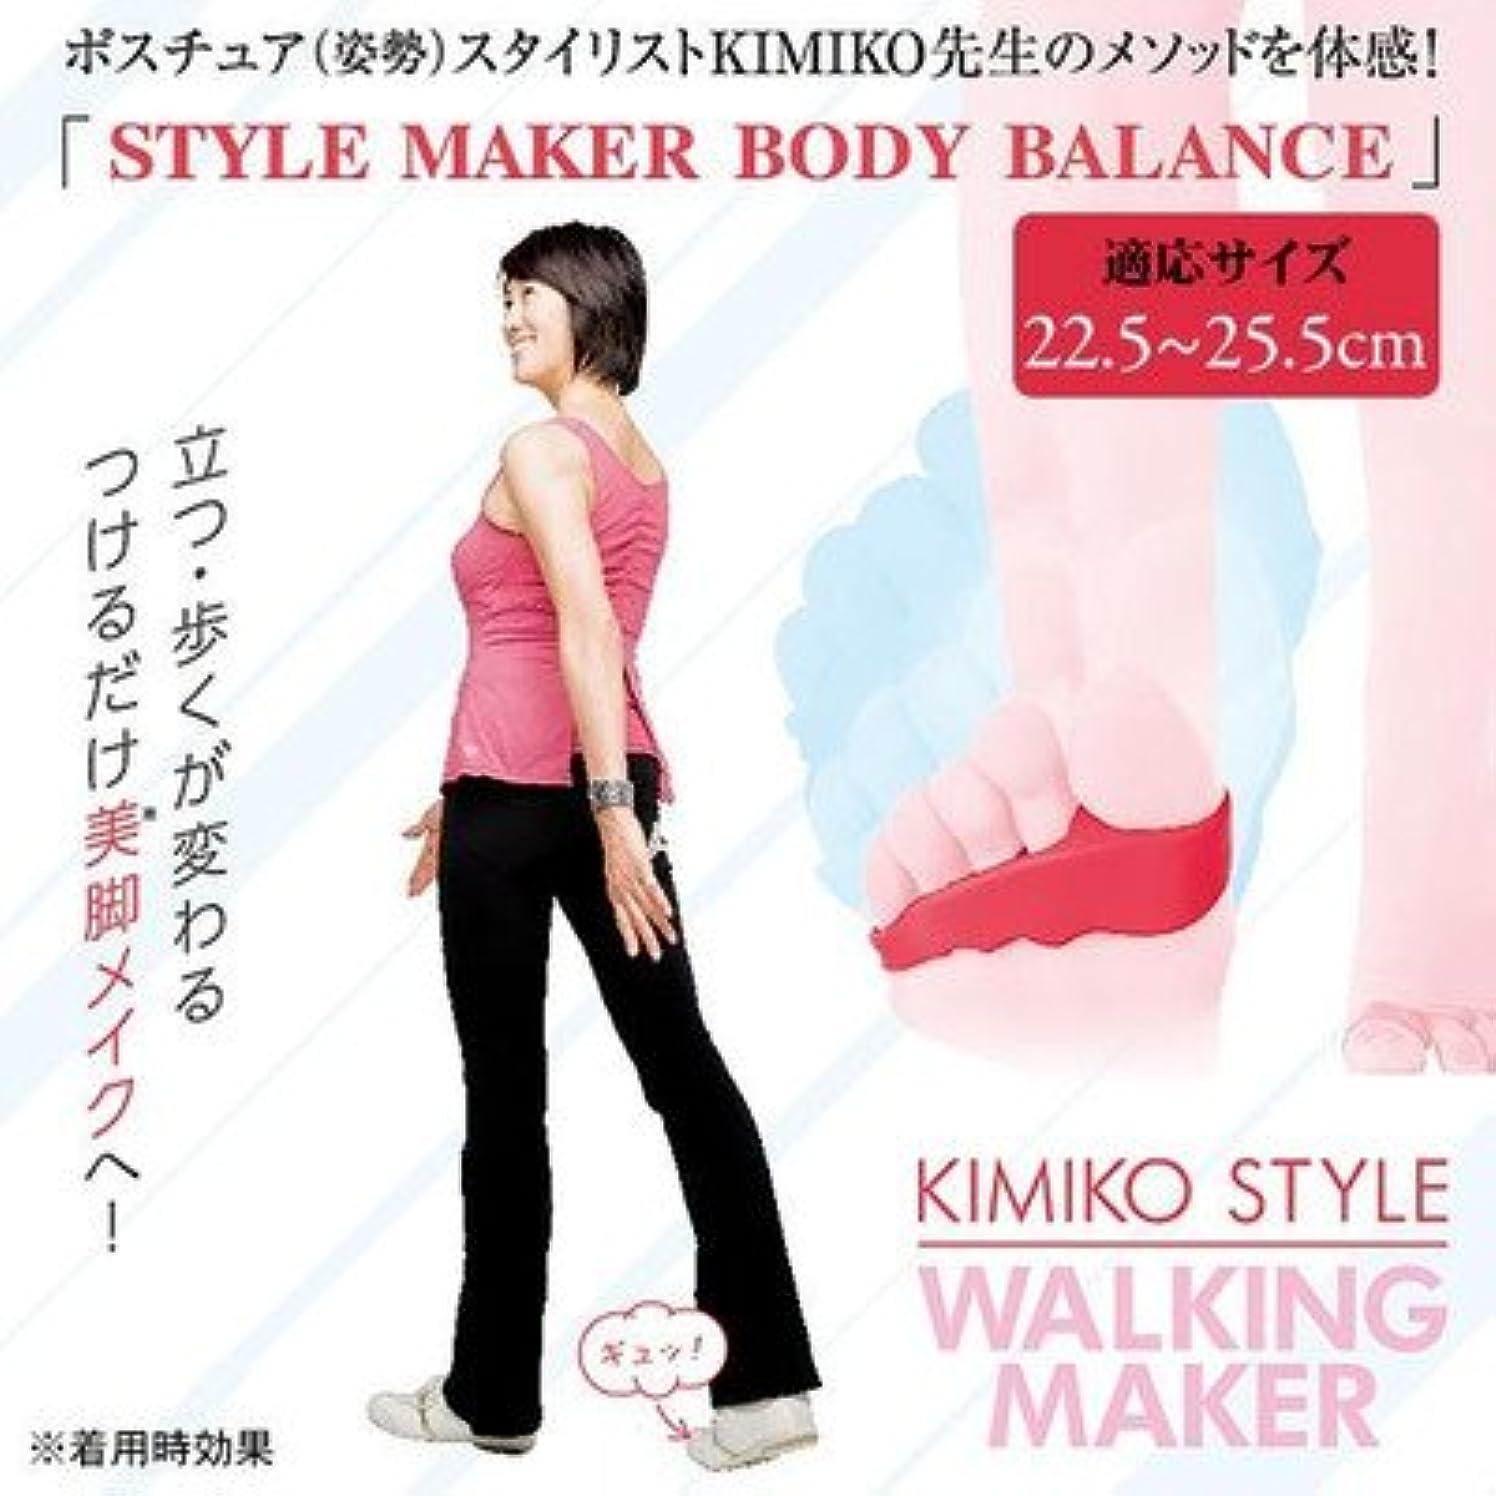 社会レイドラフト付けて歩いて 正しい歩行姿勢へナビゲート KIMIKO STYLE キミコスタイル WALKING MAKER ウォーキングメーカー 1足入